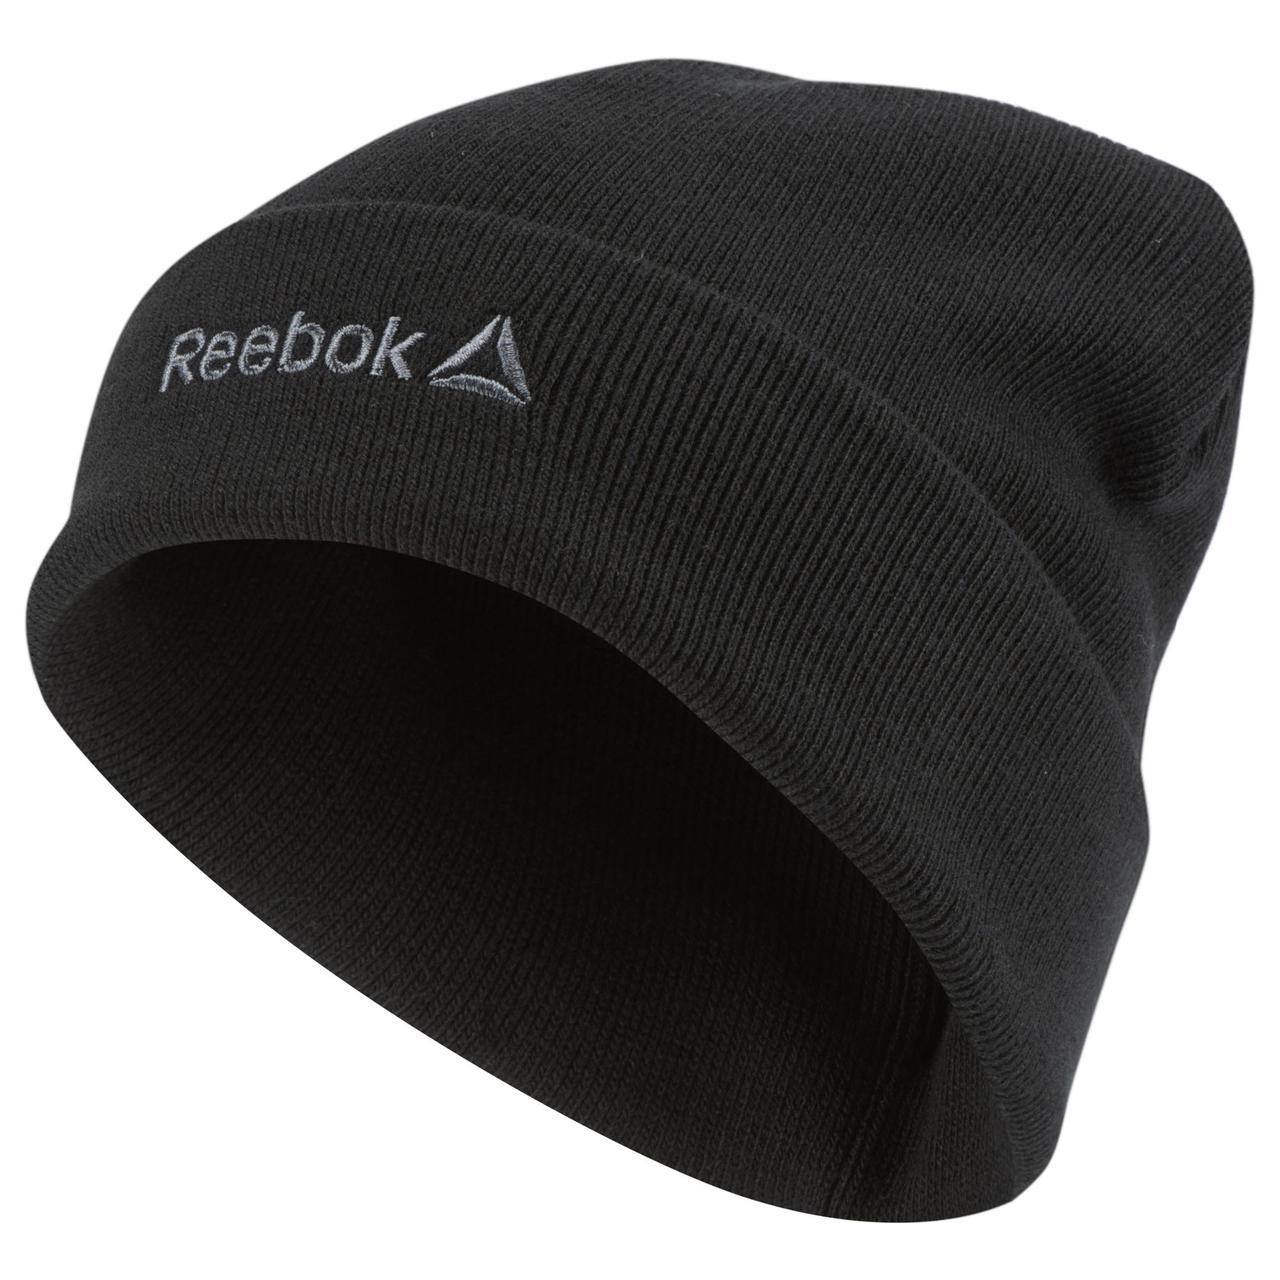 Мужская шапка Reebok (Артикул: CV9544)